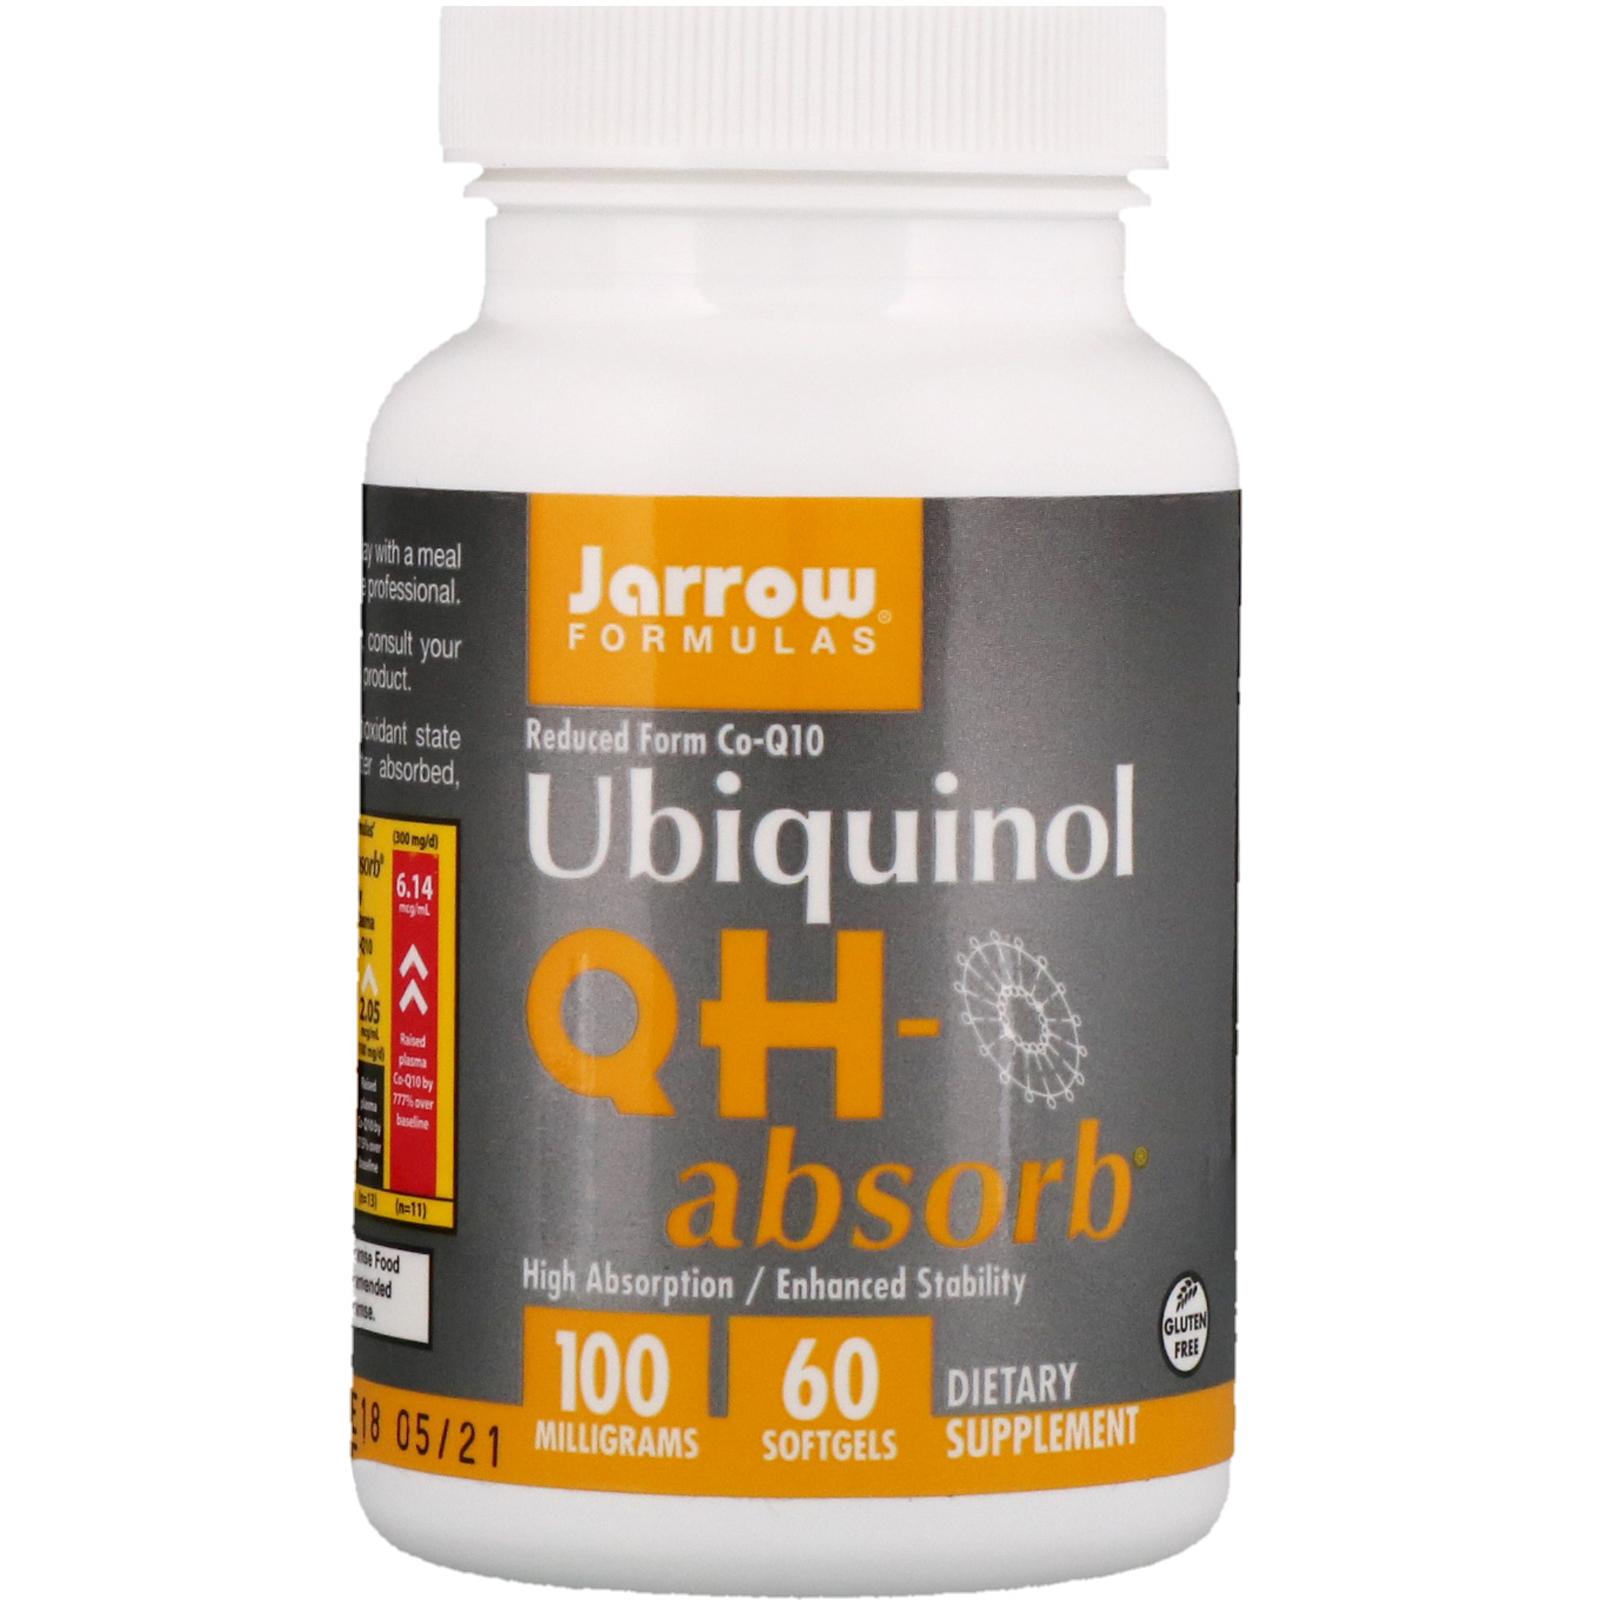 jarrow formulas ubiquinol qh-absorb 200 mg 120 softgels